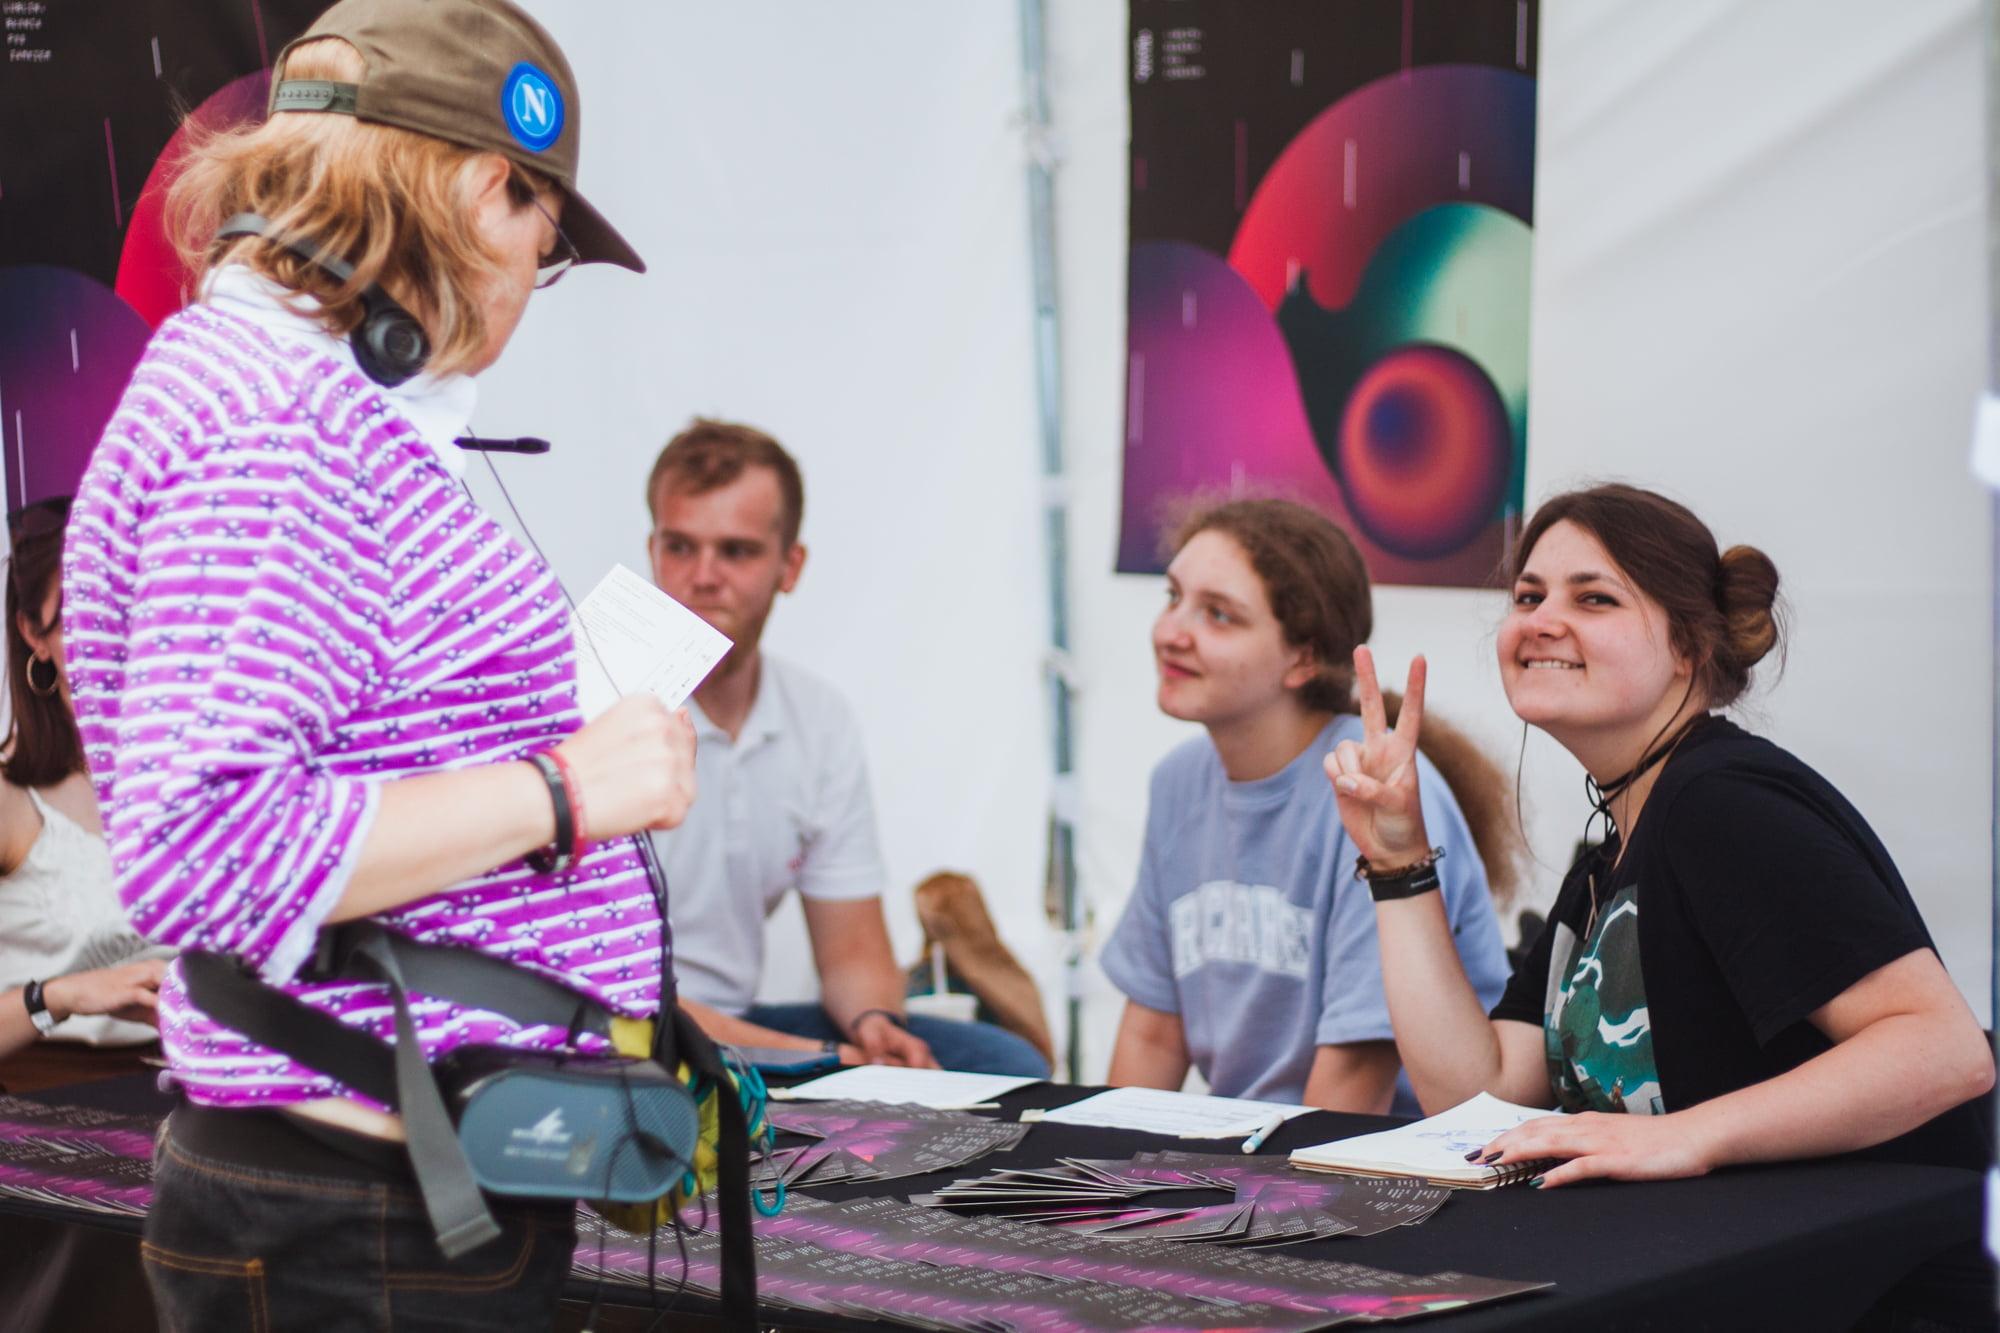 Grupa młodych ludzi przy stole z programem festiwalu oraz pani ze słuchawkami czytająca program. W tle plakat festiwalowy.